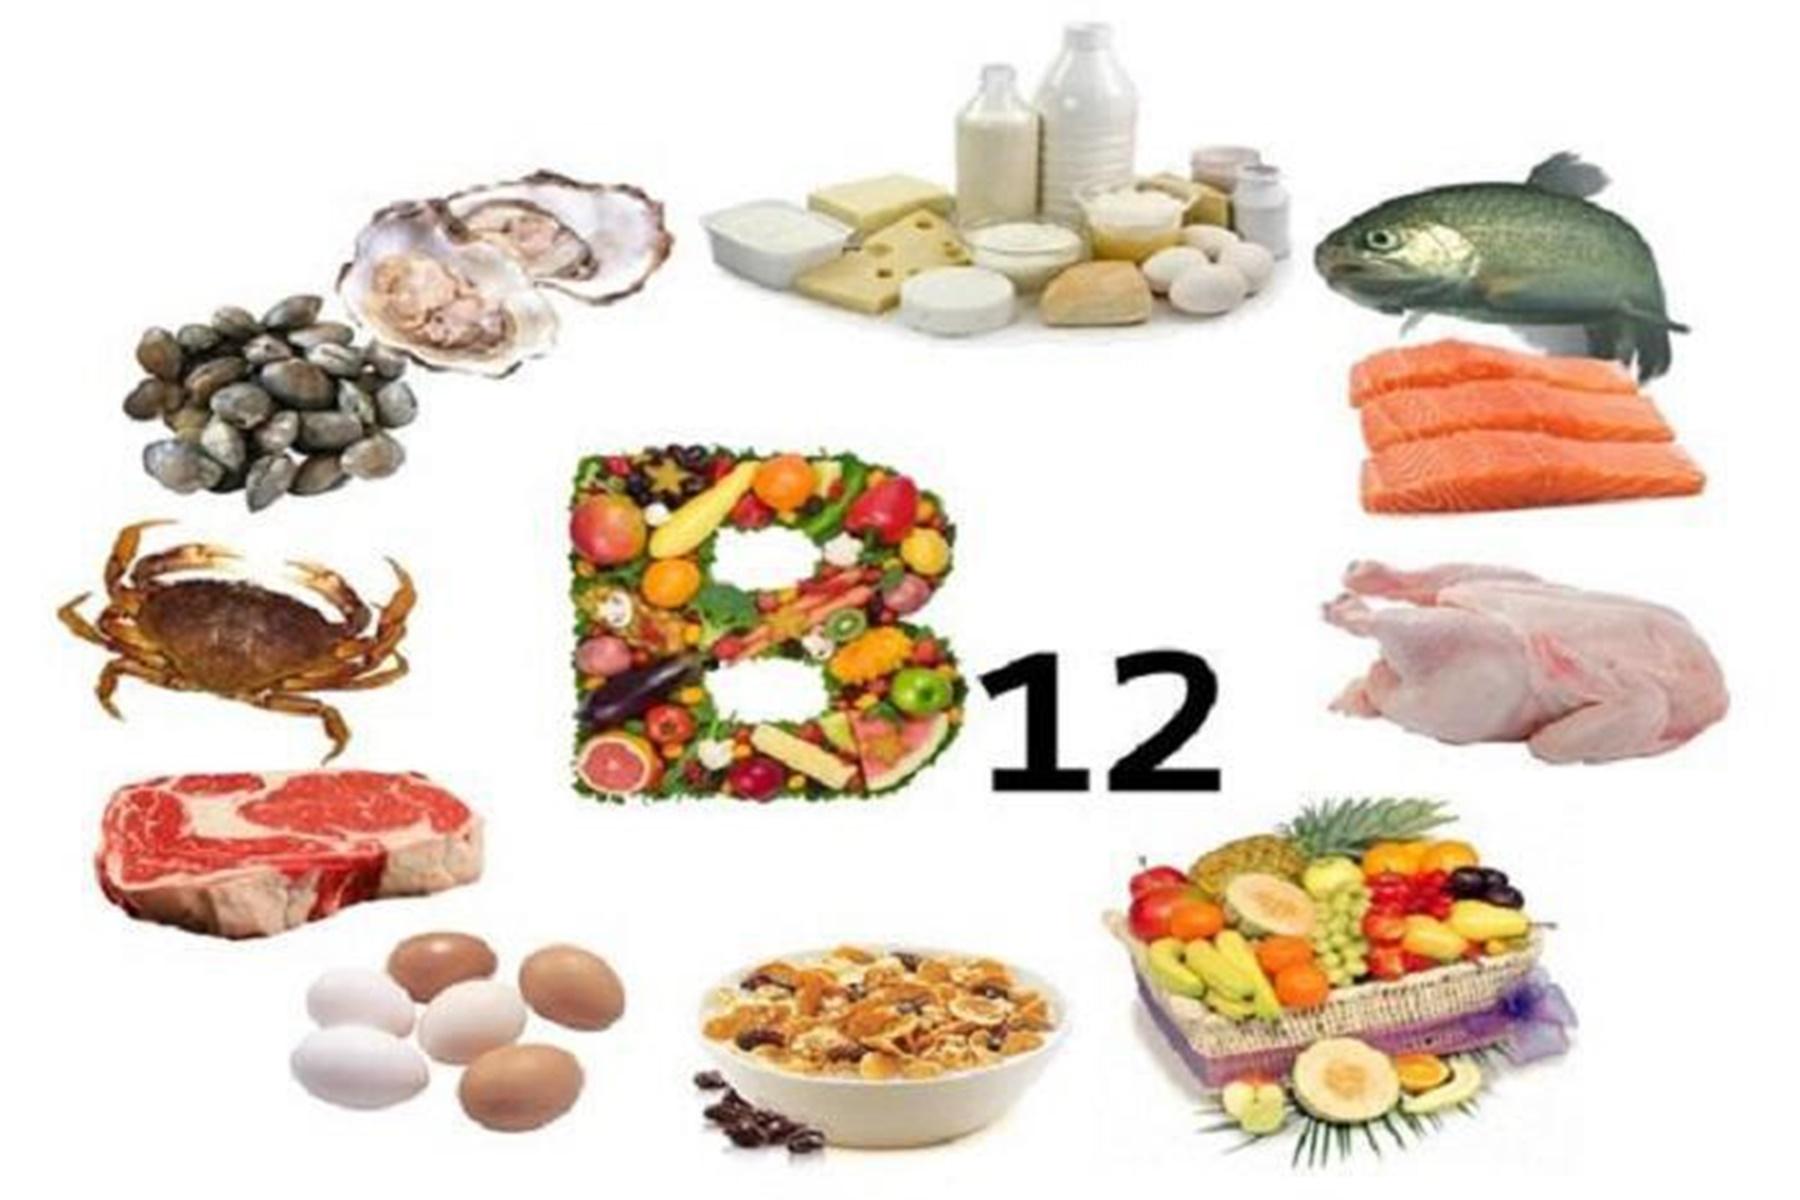 Βιταμίνη B12 : Η έλλειψή της σχετίζεται με την κατάθλιψη